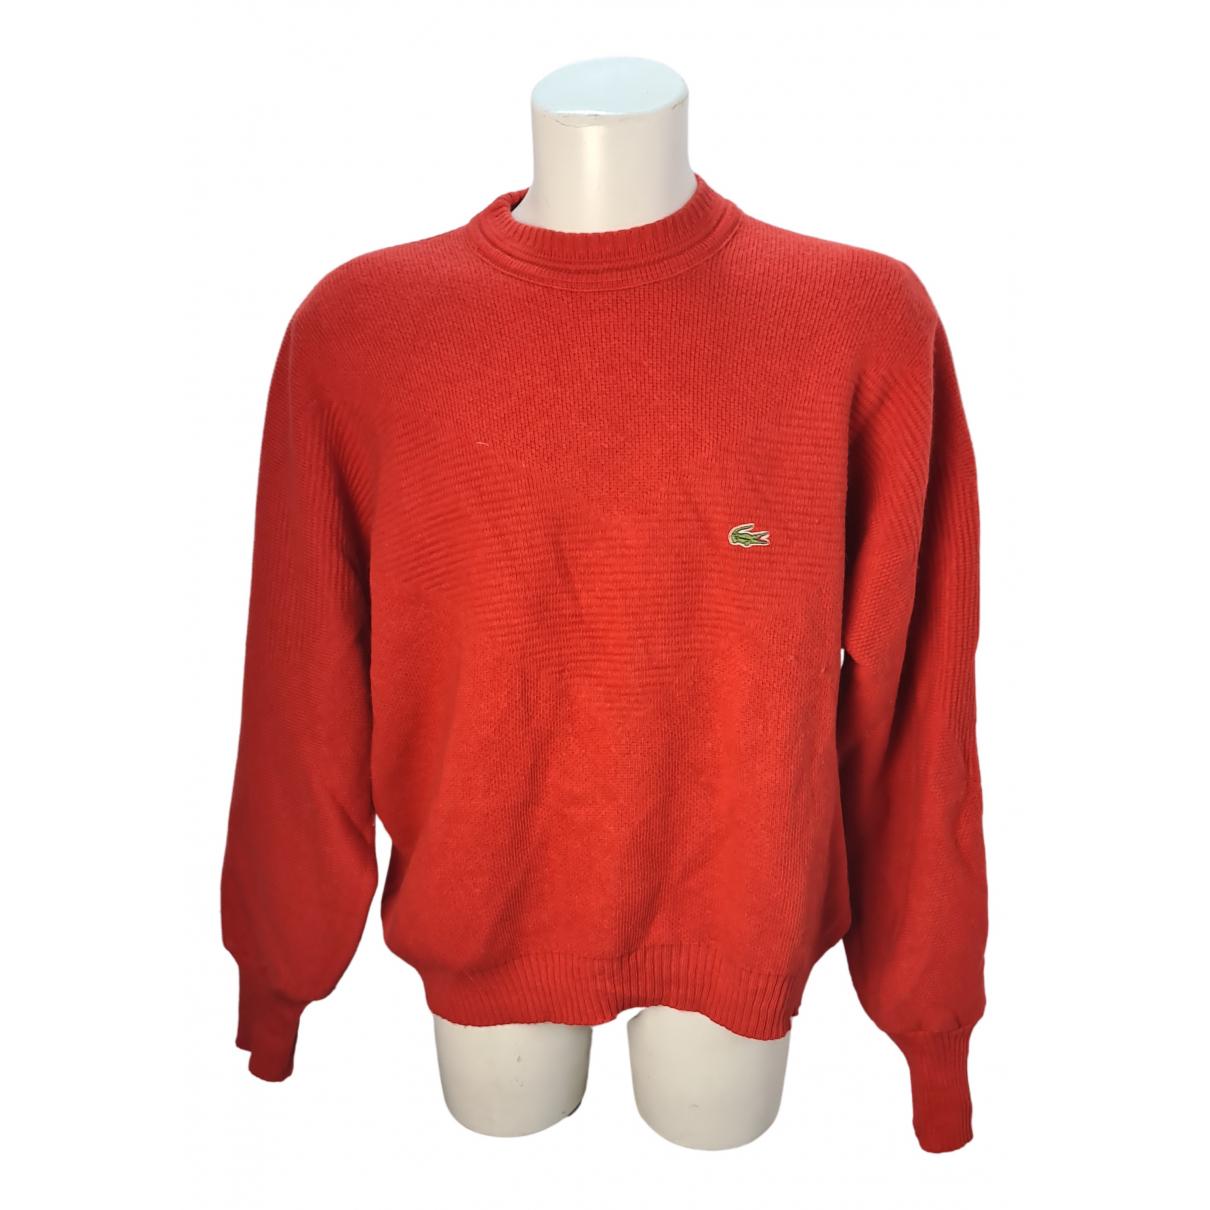 Lacoste - Pulls.Gilets.Sweats   pour homme en laine - rouge